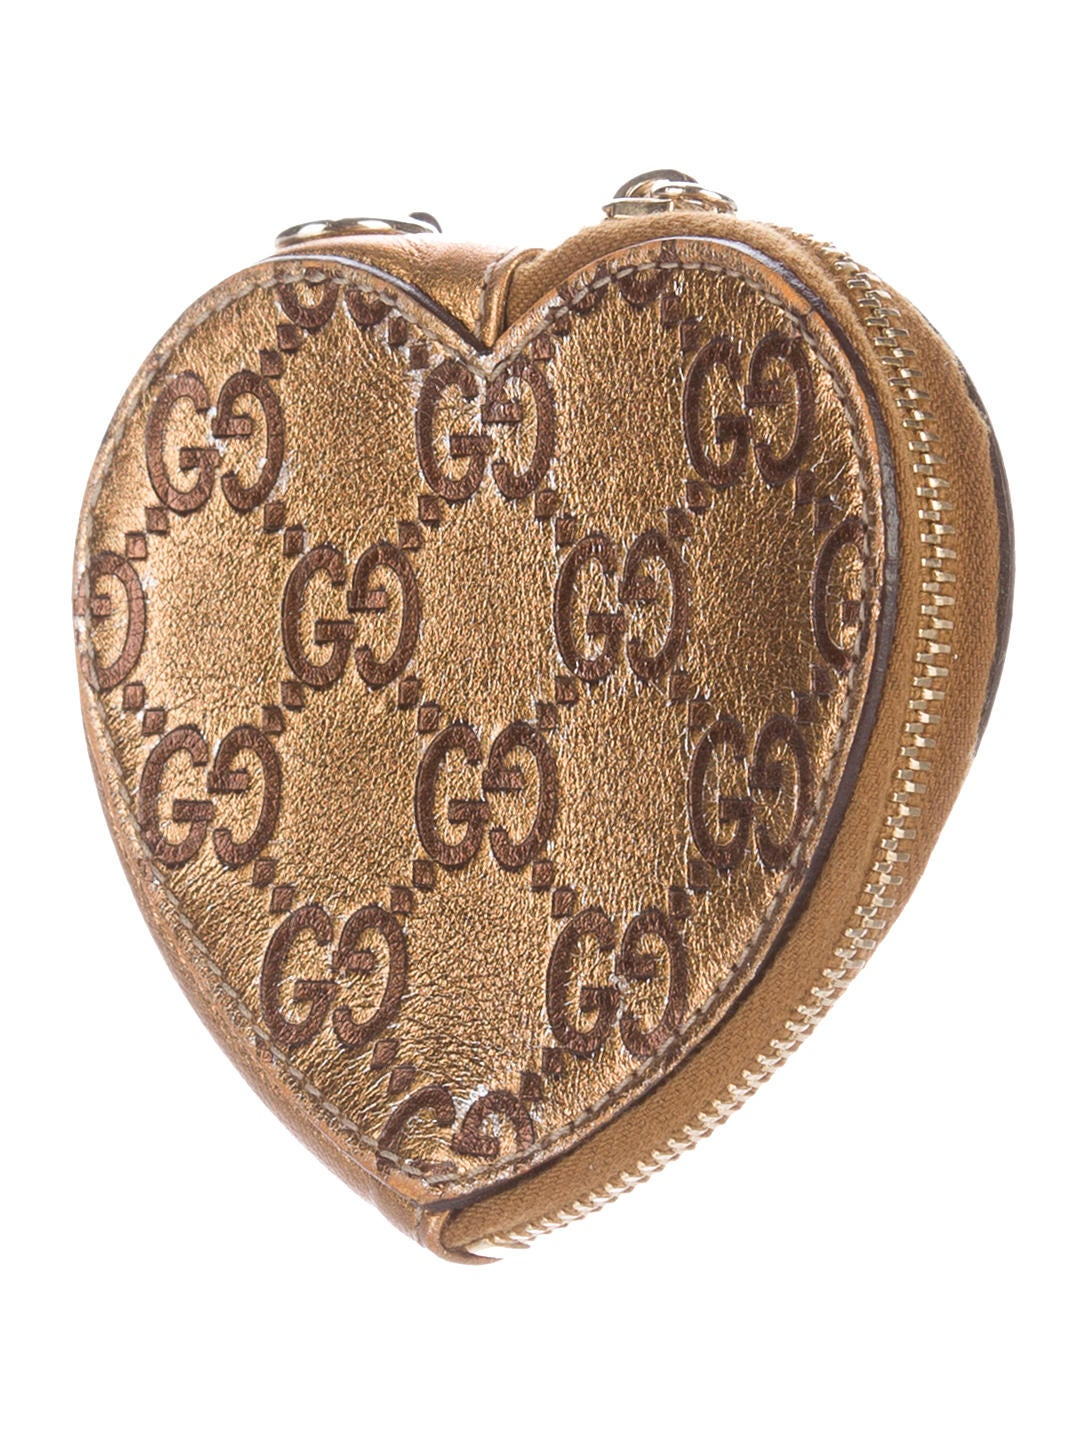 73c10299292d Gucci Guccissima Heart Coin Purse - Accessories - GUC143874   The ...